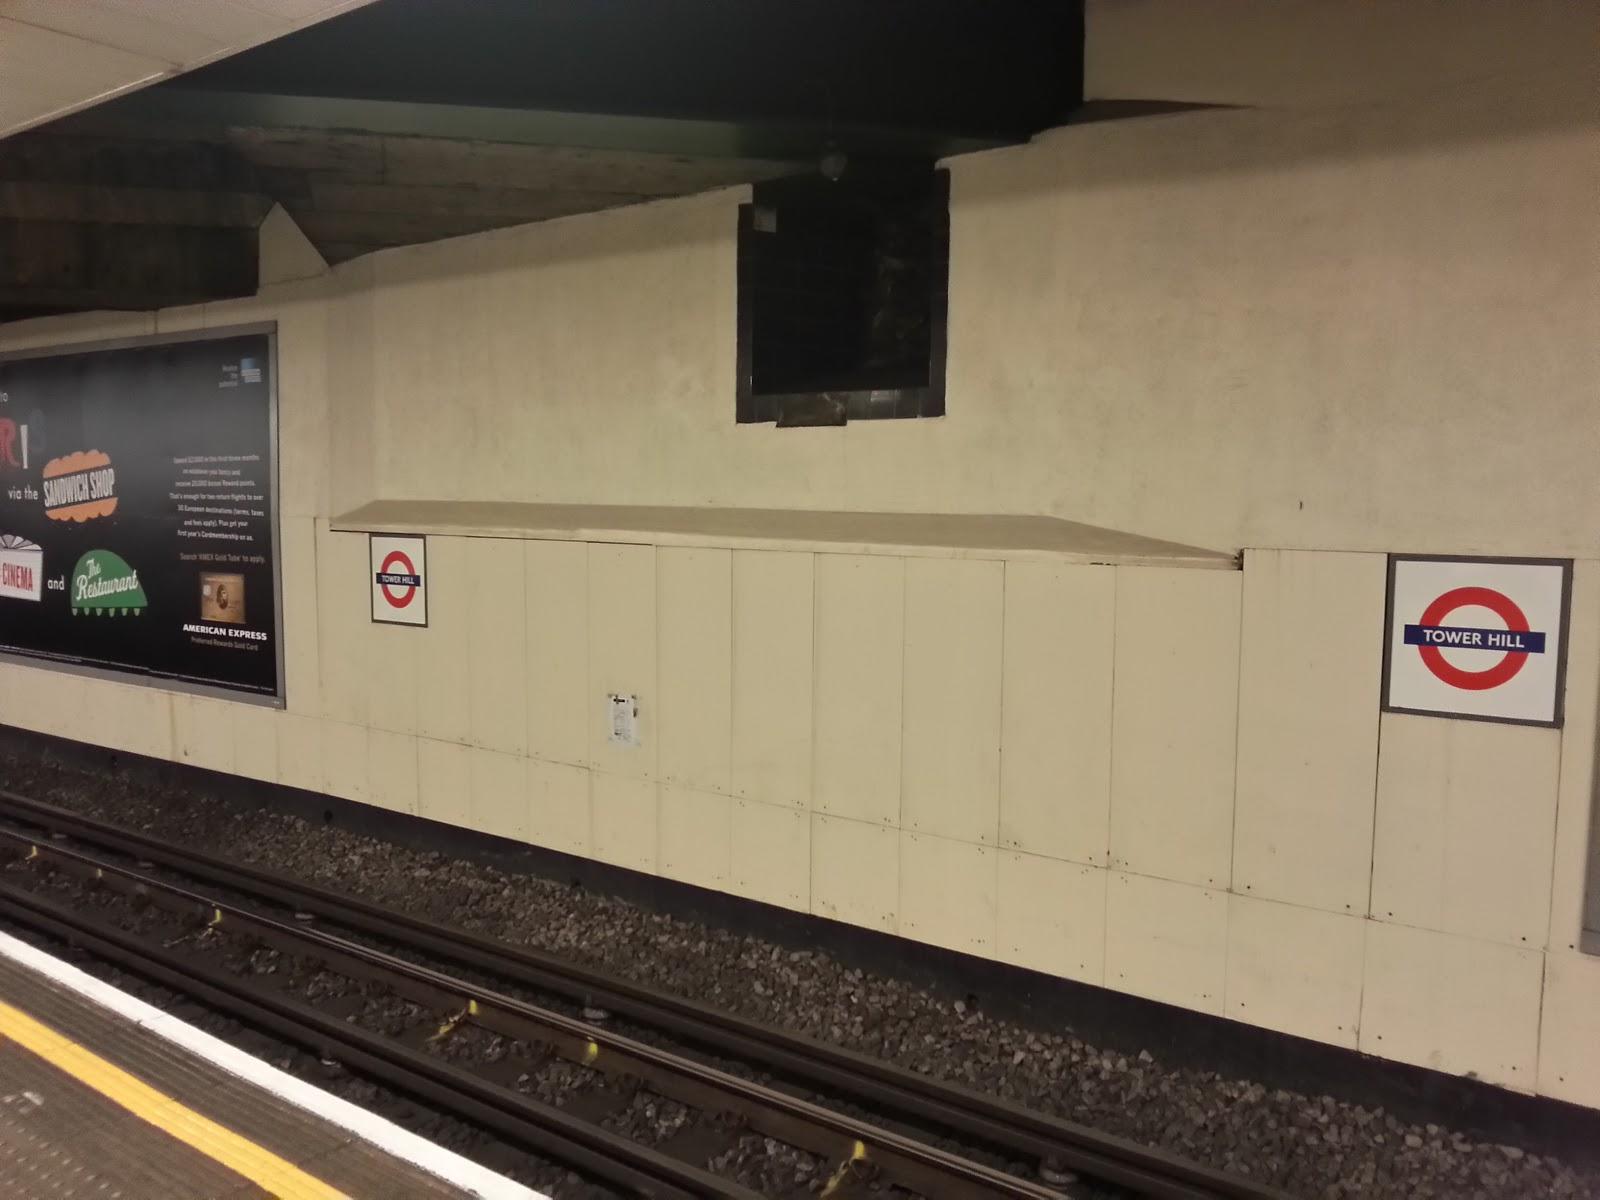 Roman Wall Platform 1, Tower Hill underground station